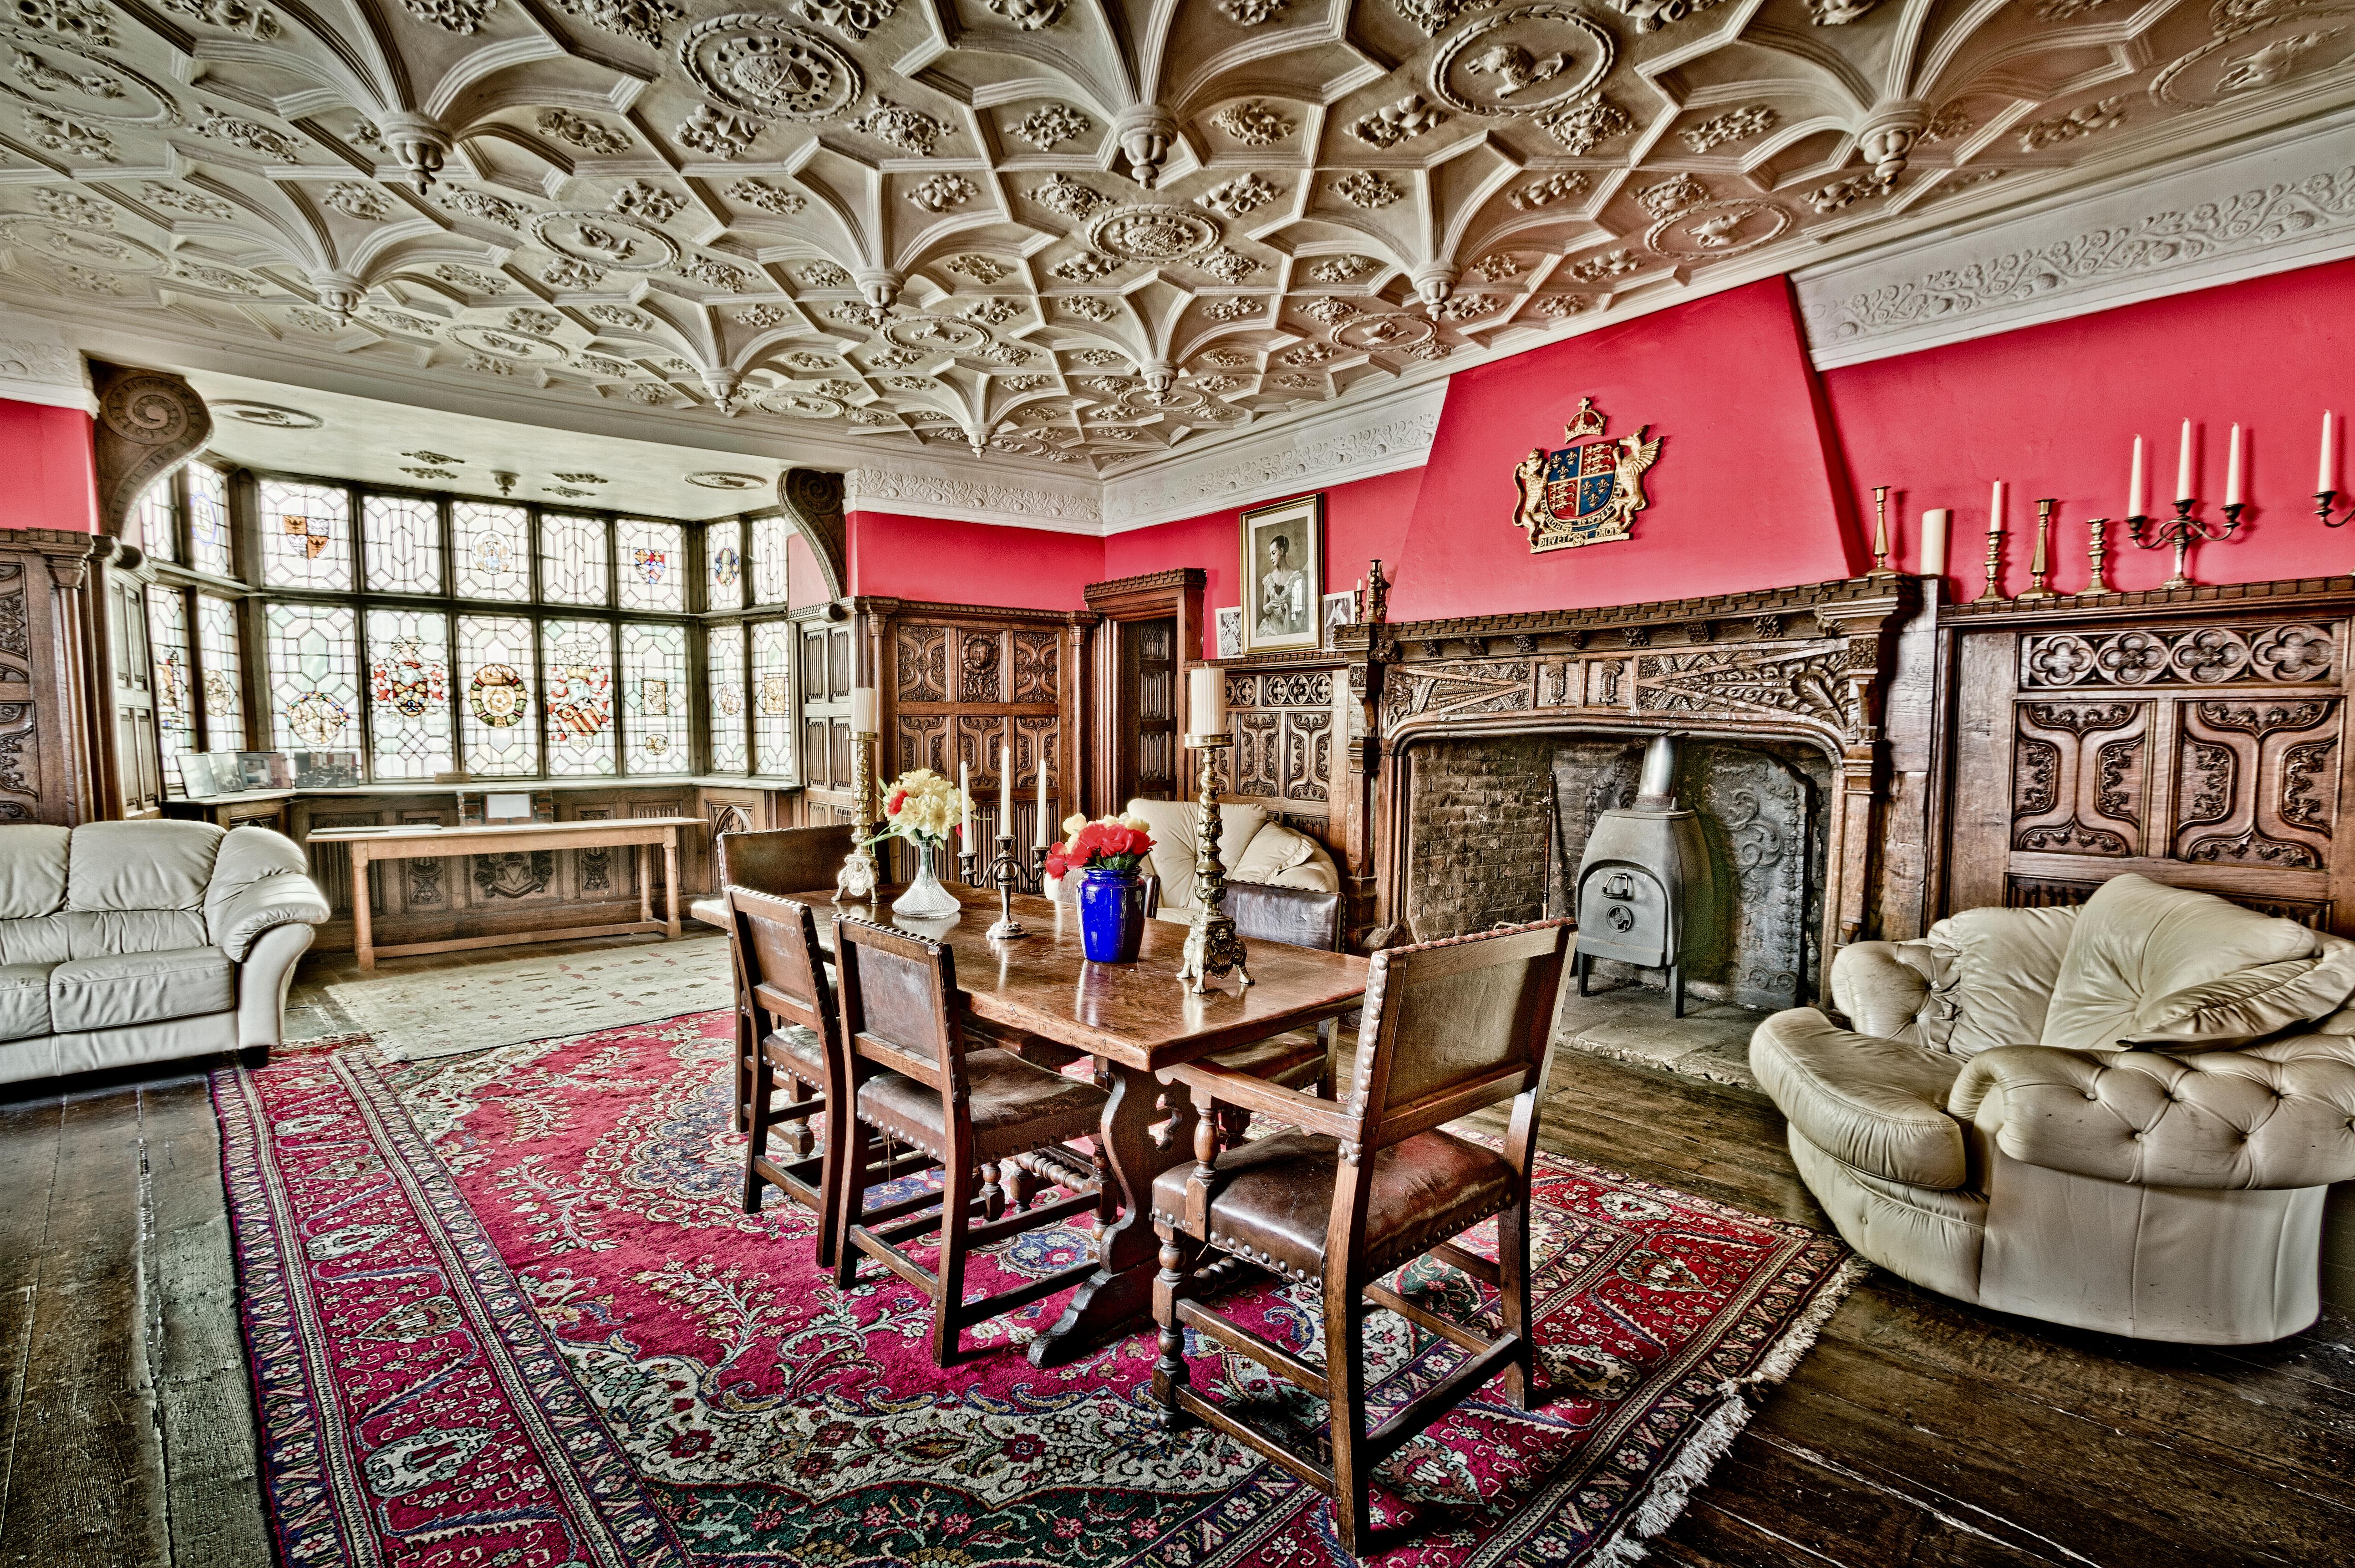 Kostenlose foto : Tabelle, die Architektur, Jahrgang, Villa, Innere ...